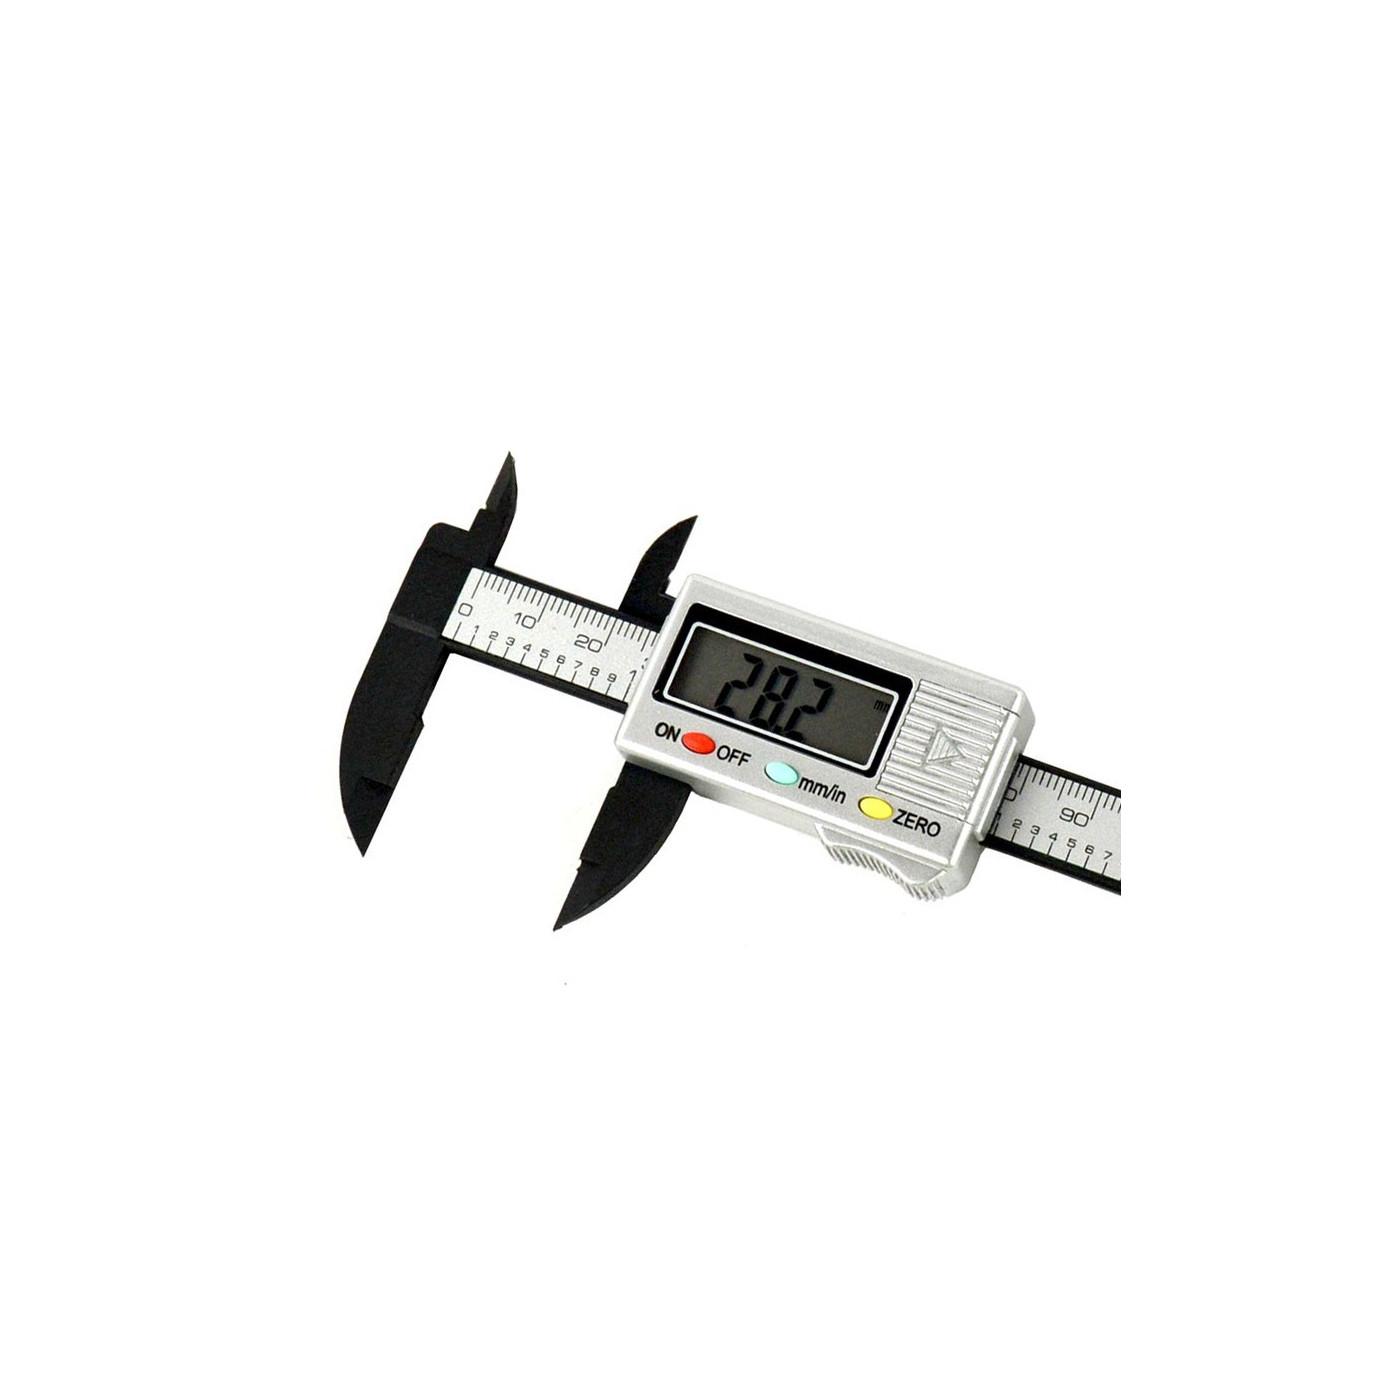 Digital caliper 100 mm (size 1)  - 1